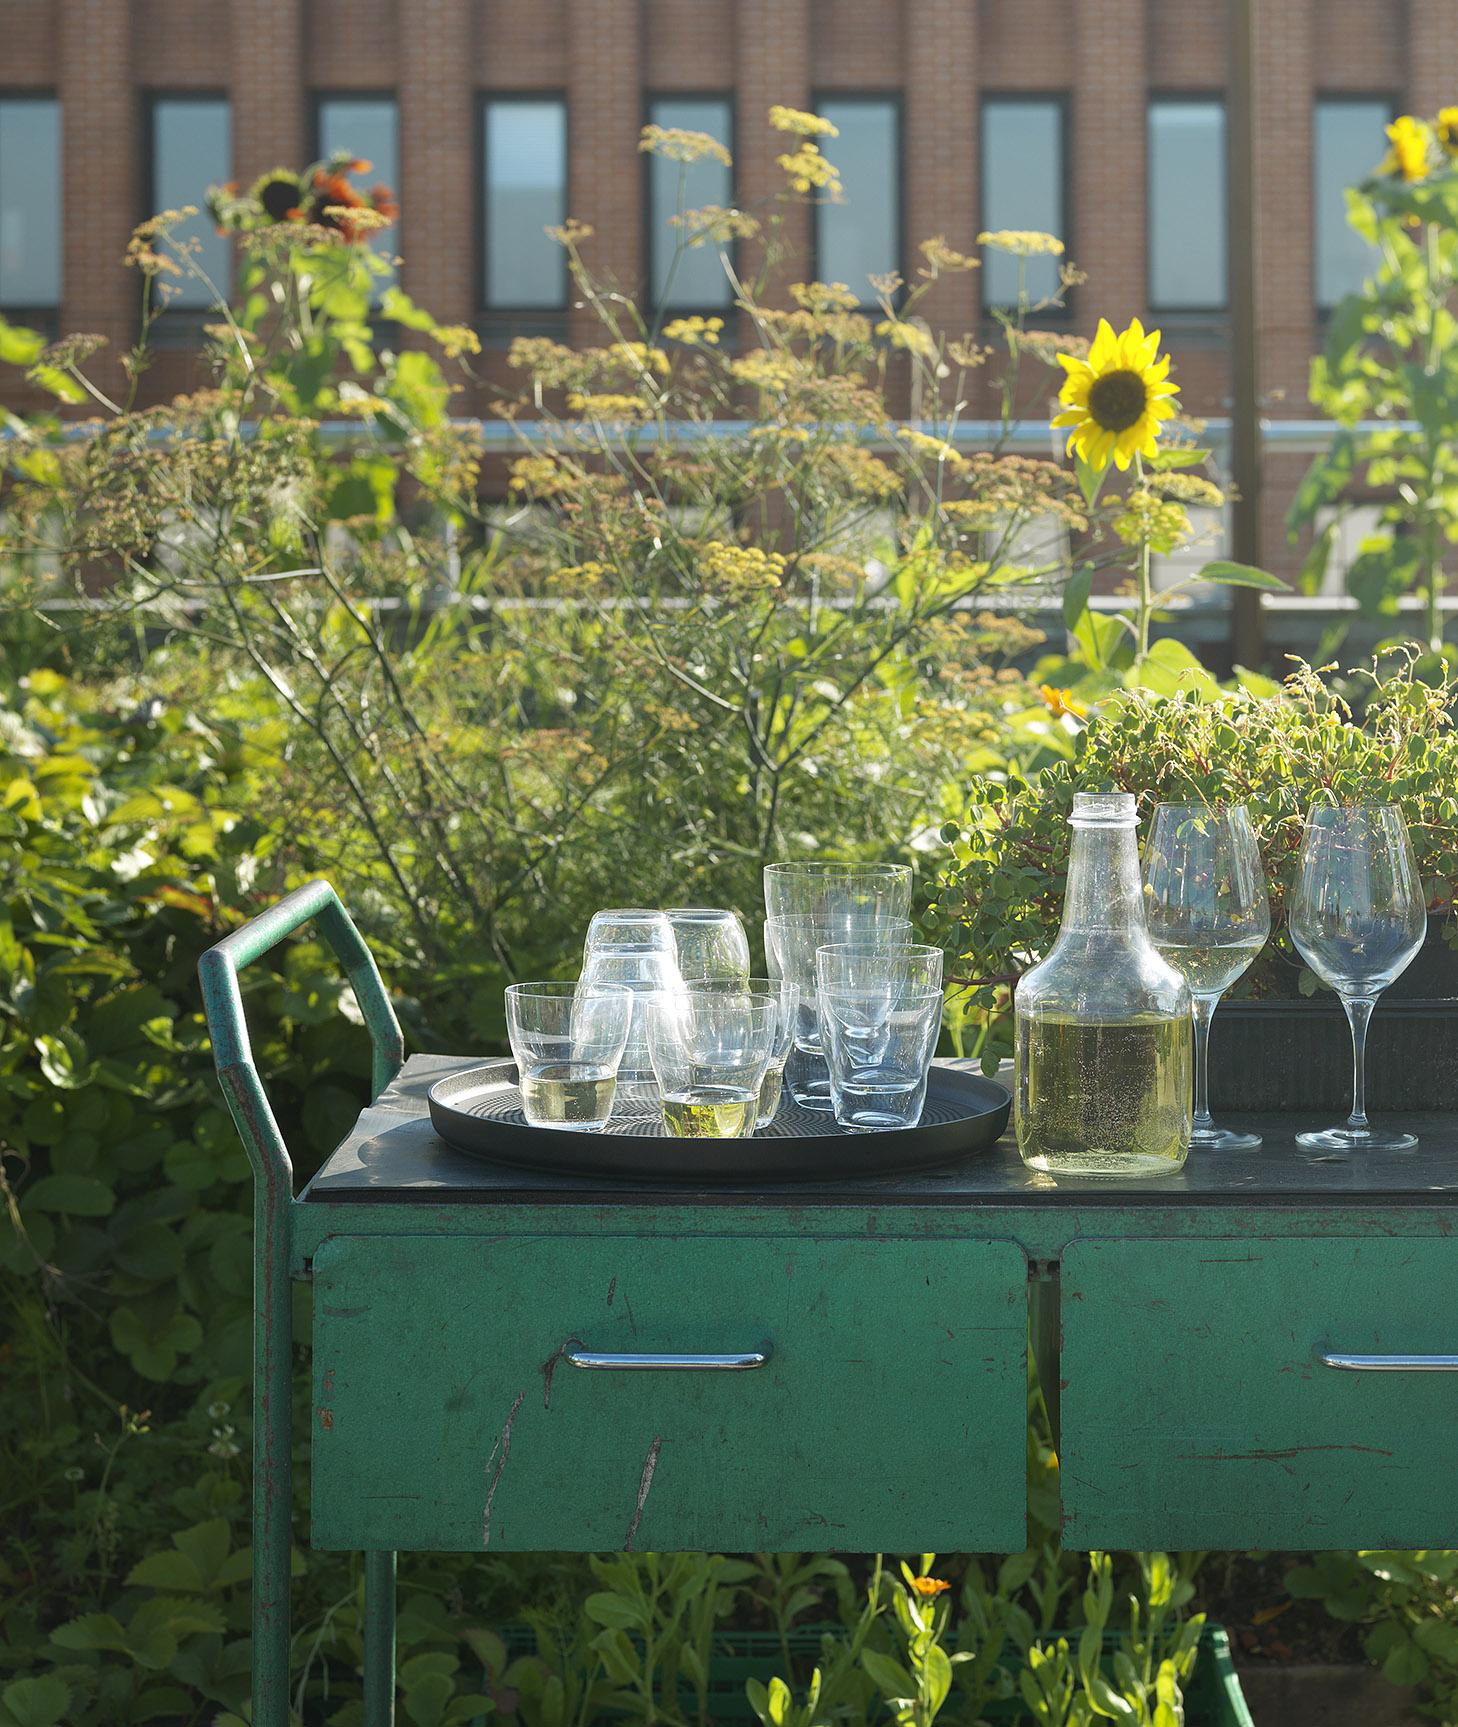 Det lille grønne bord med vin på.jpg